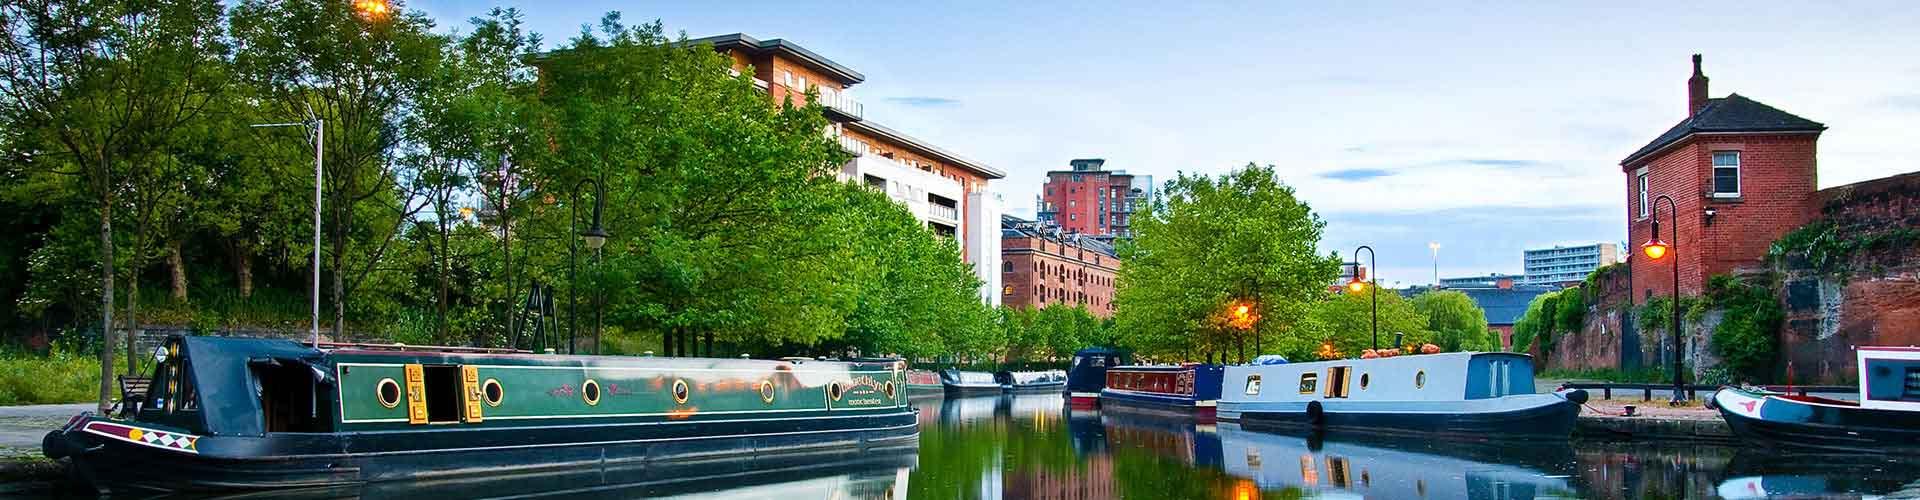 曼彻斯特 – North Central Manchester区的宾馆。曼彻斯特地图,曼彻斯特每间宾馆的照片和评价。